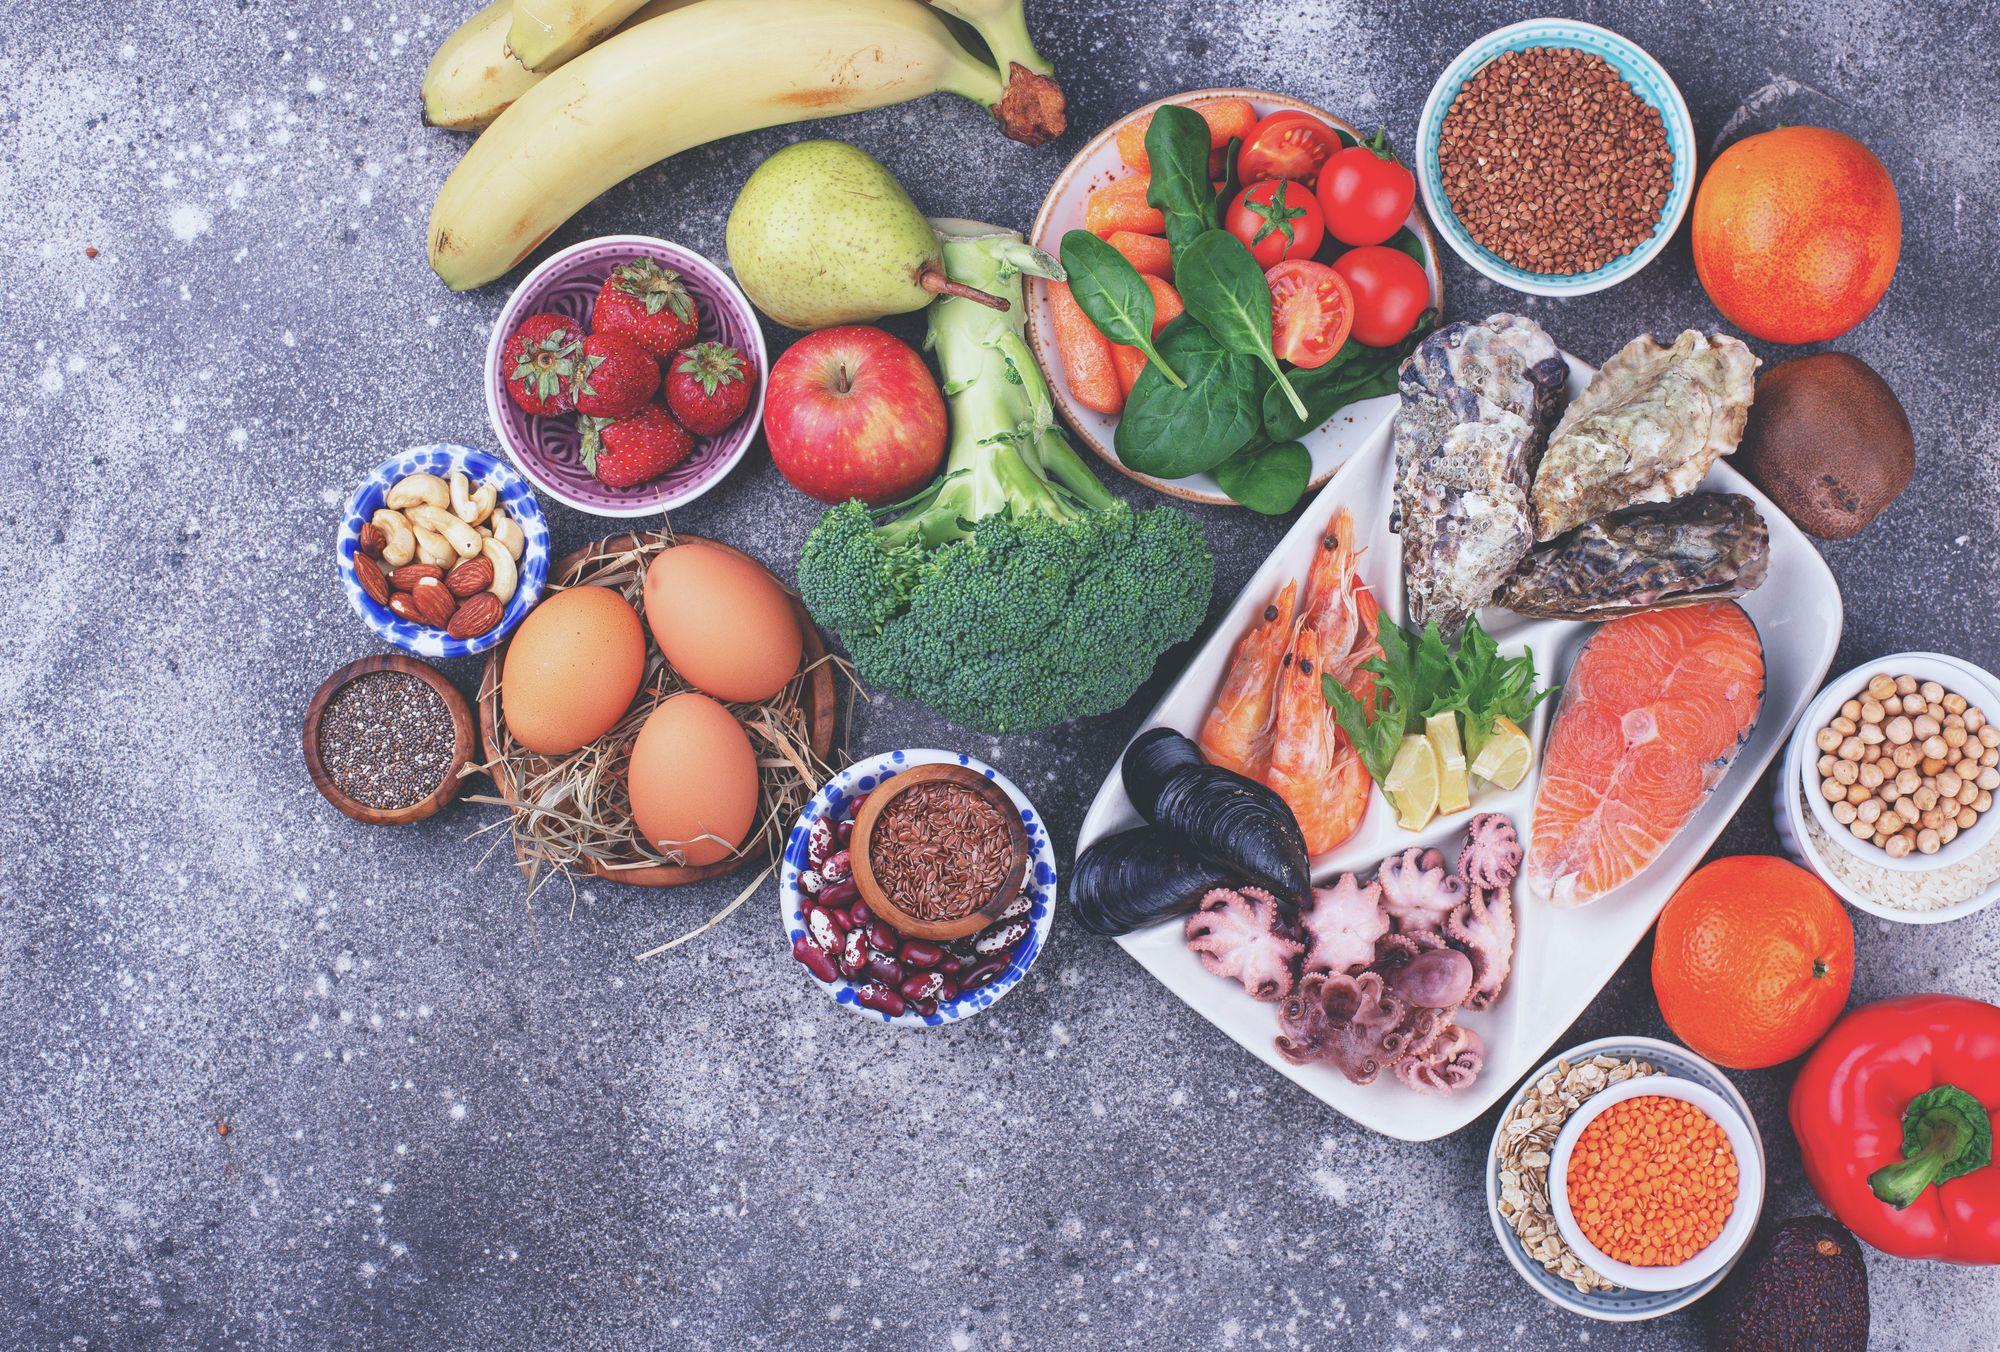 Food-of-healthy-foods